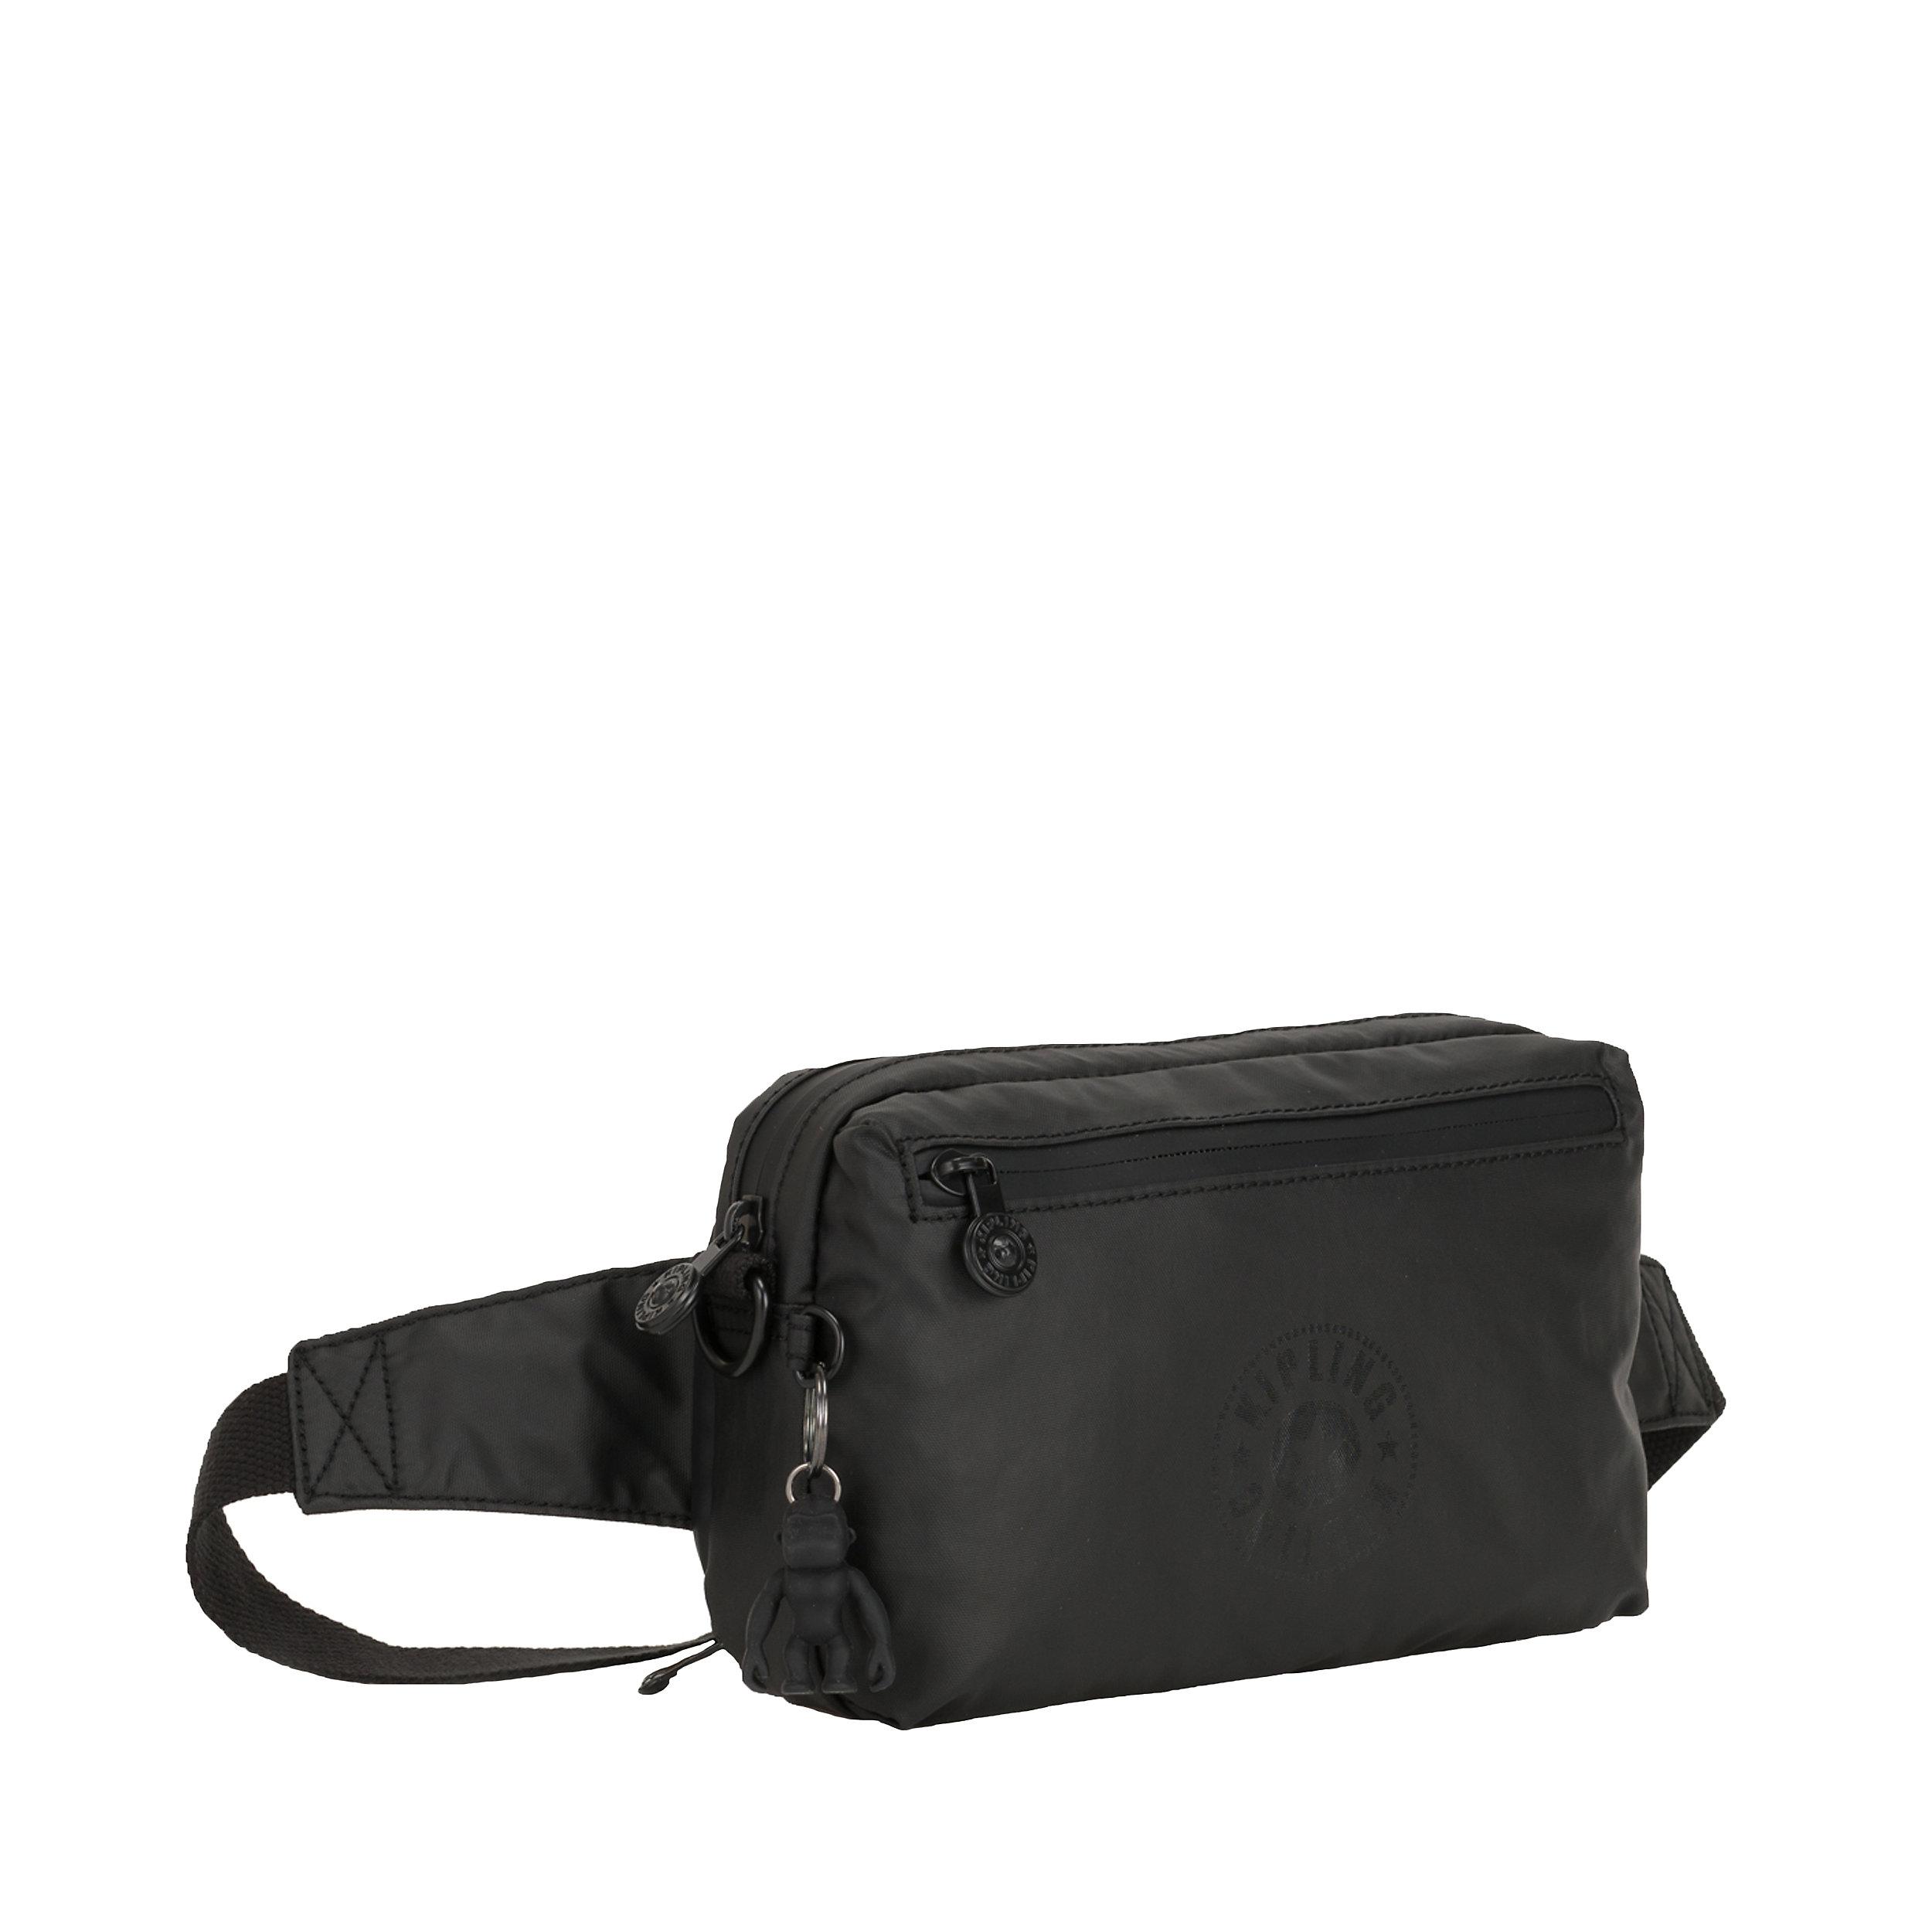 Bum Bag Halima New Classics + 3.5 Liter